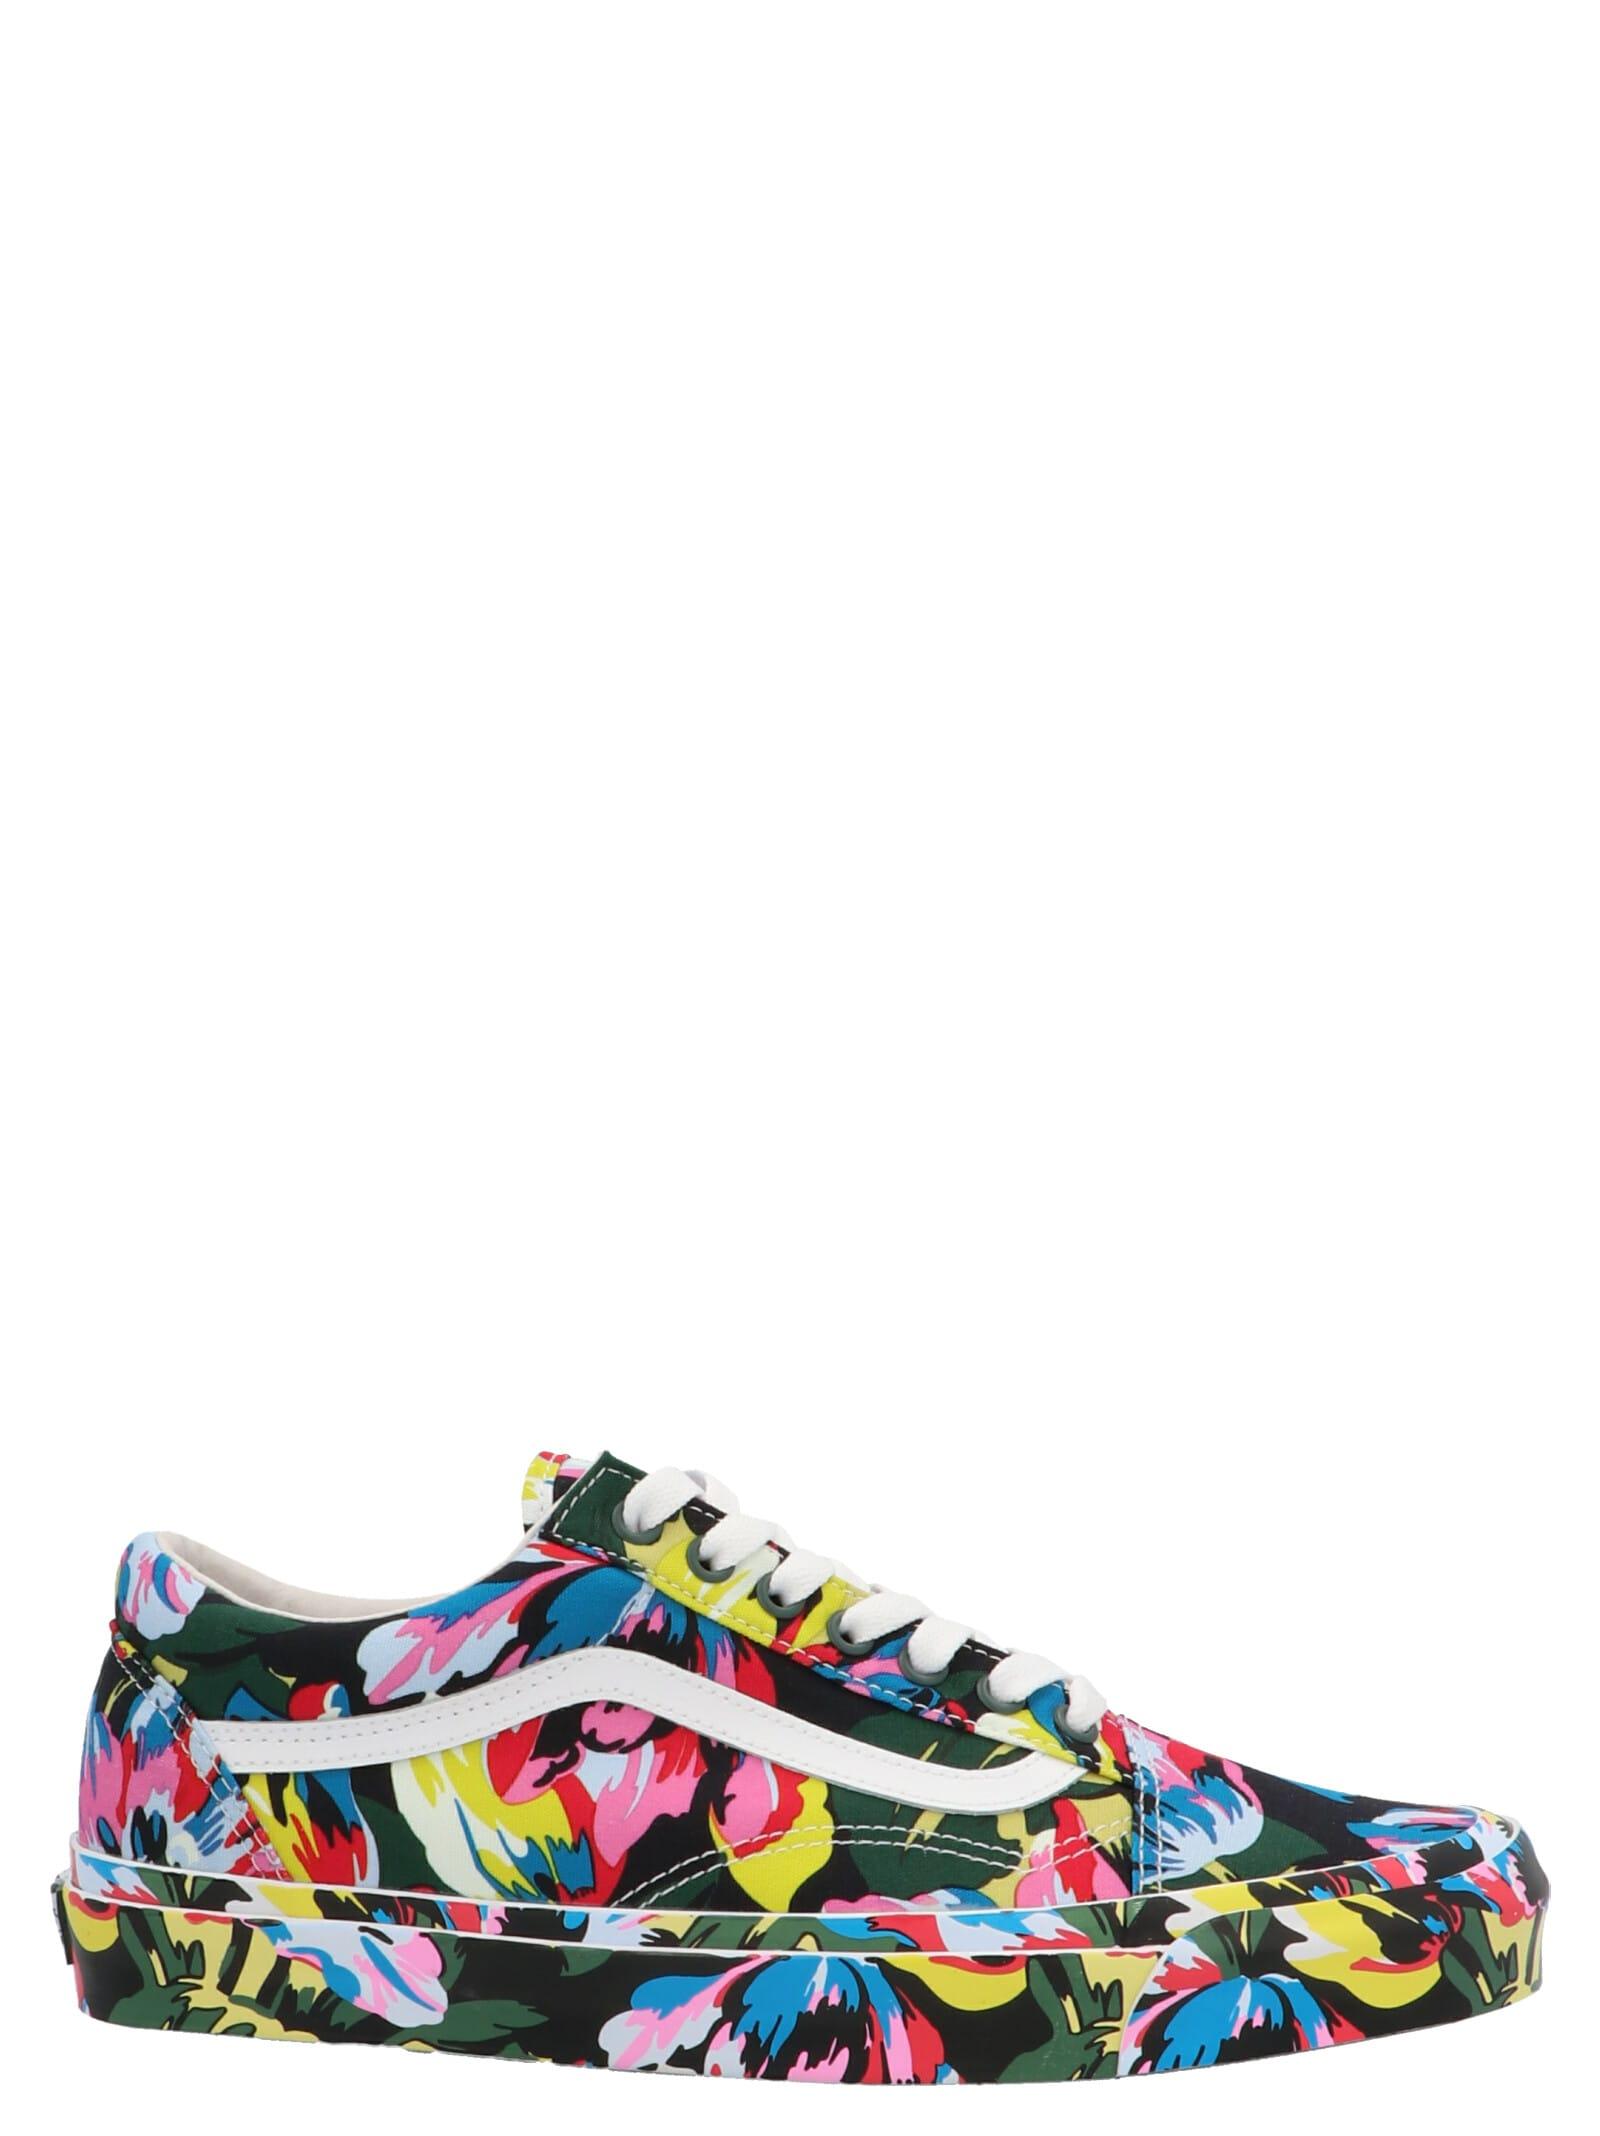 Kenzo old Skool X Vans Shoes